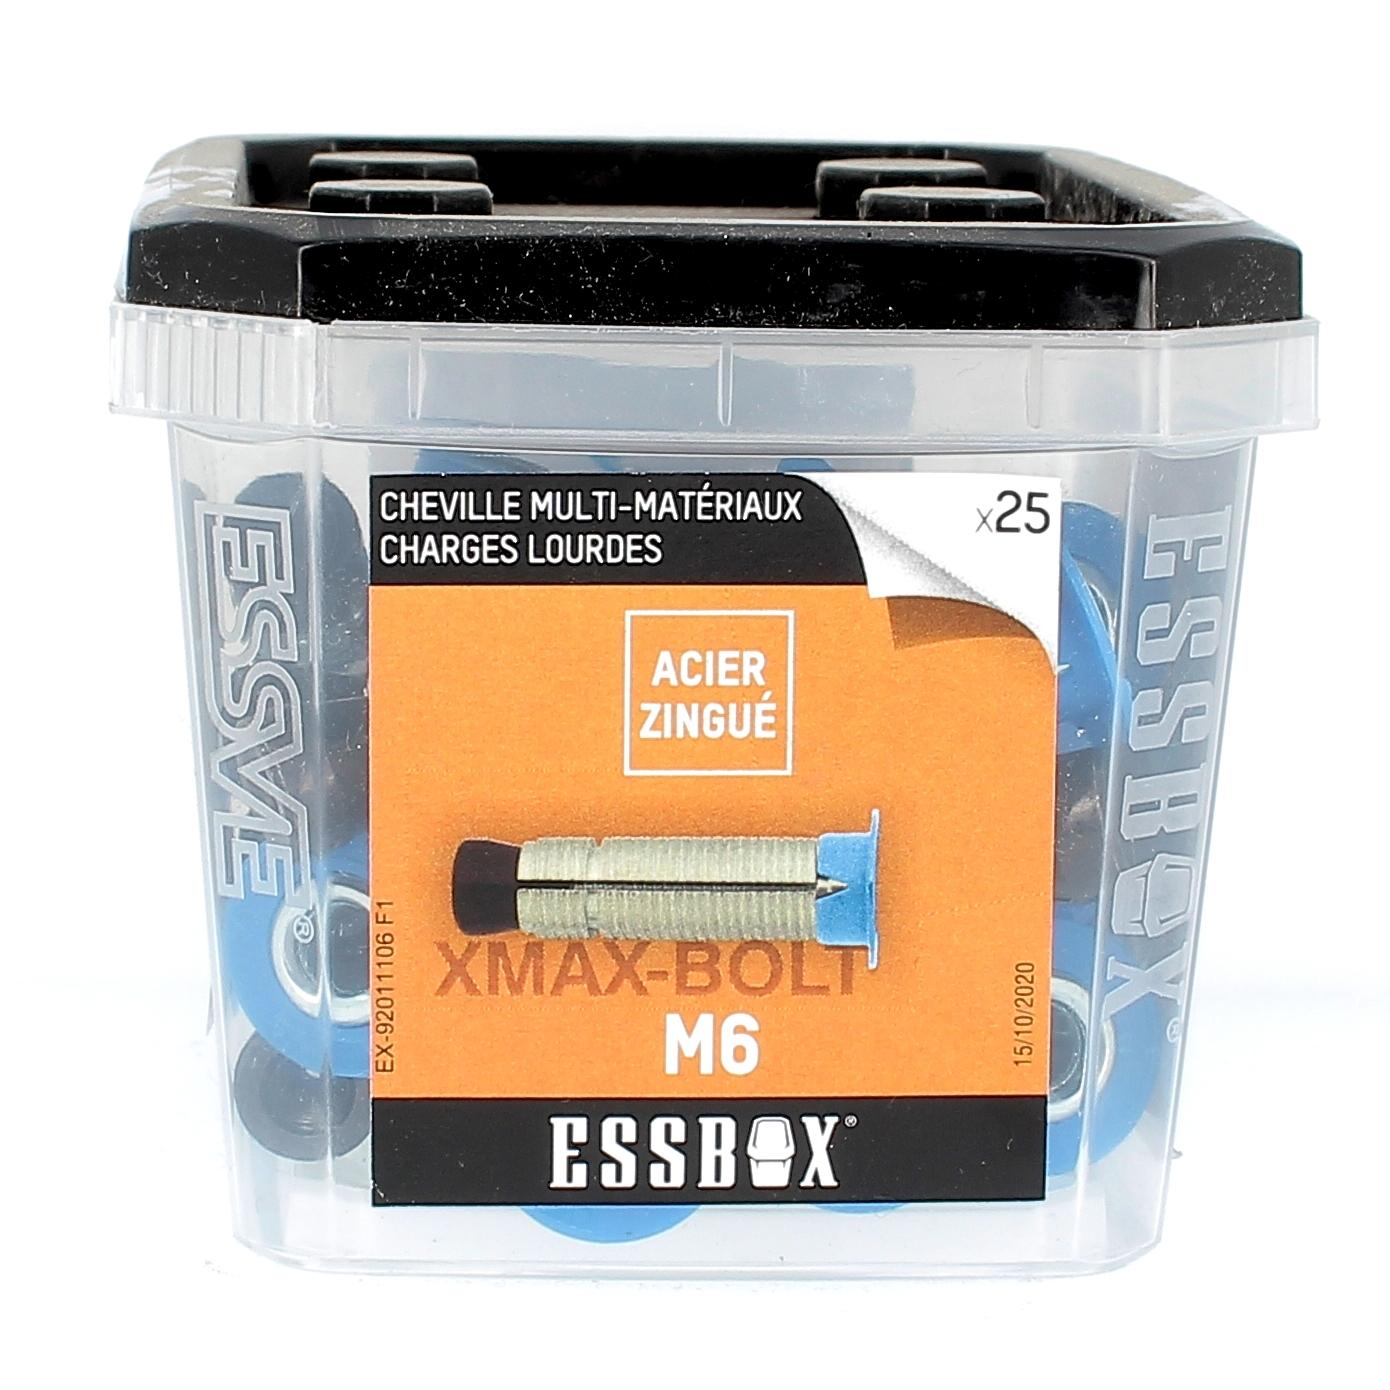 ESSBOX de 25 Chevilles à Expansion Multi-Matériaux M6 Acier